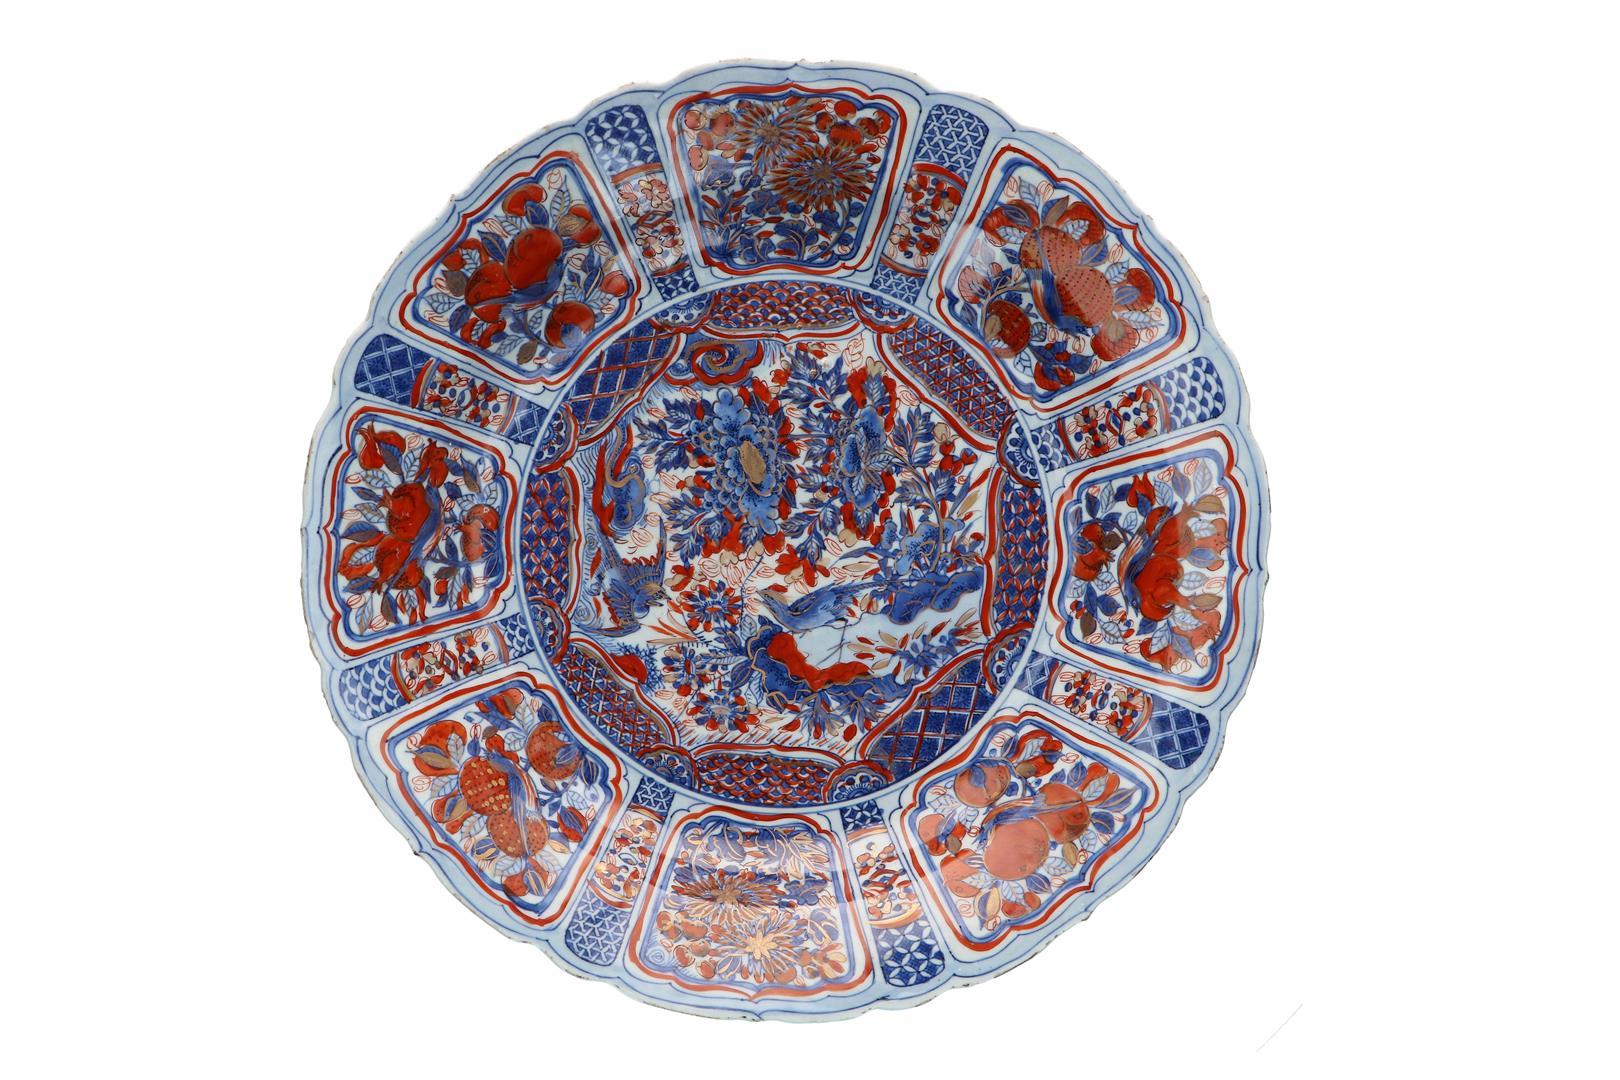 Vente Art asiatique chez Zeeuws Veilinghuis : 427 lots